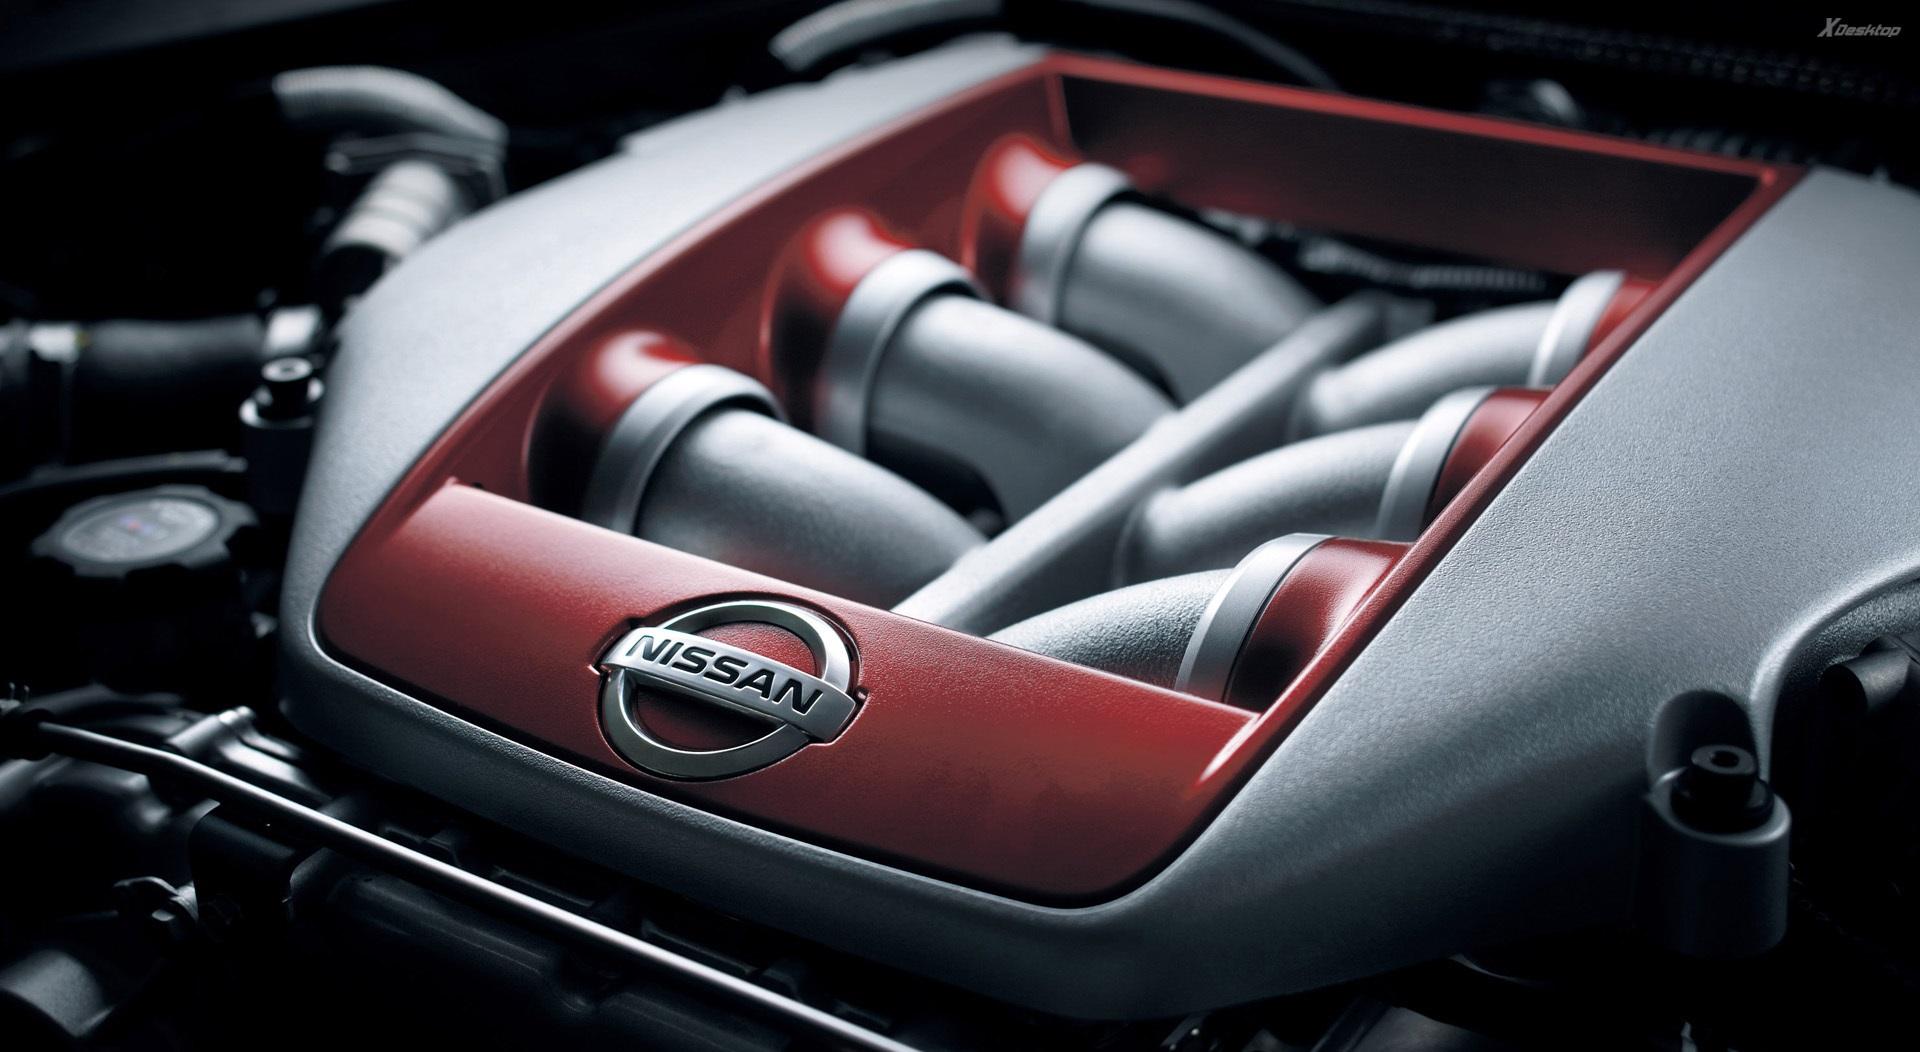 Двигатели для Nissan GT-R 2017 года полностью собираются вручную